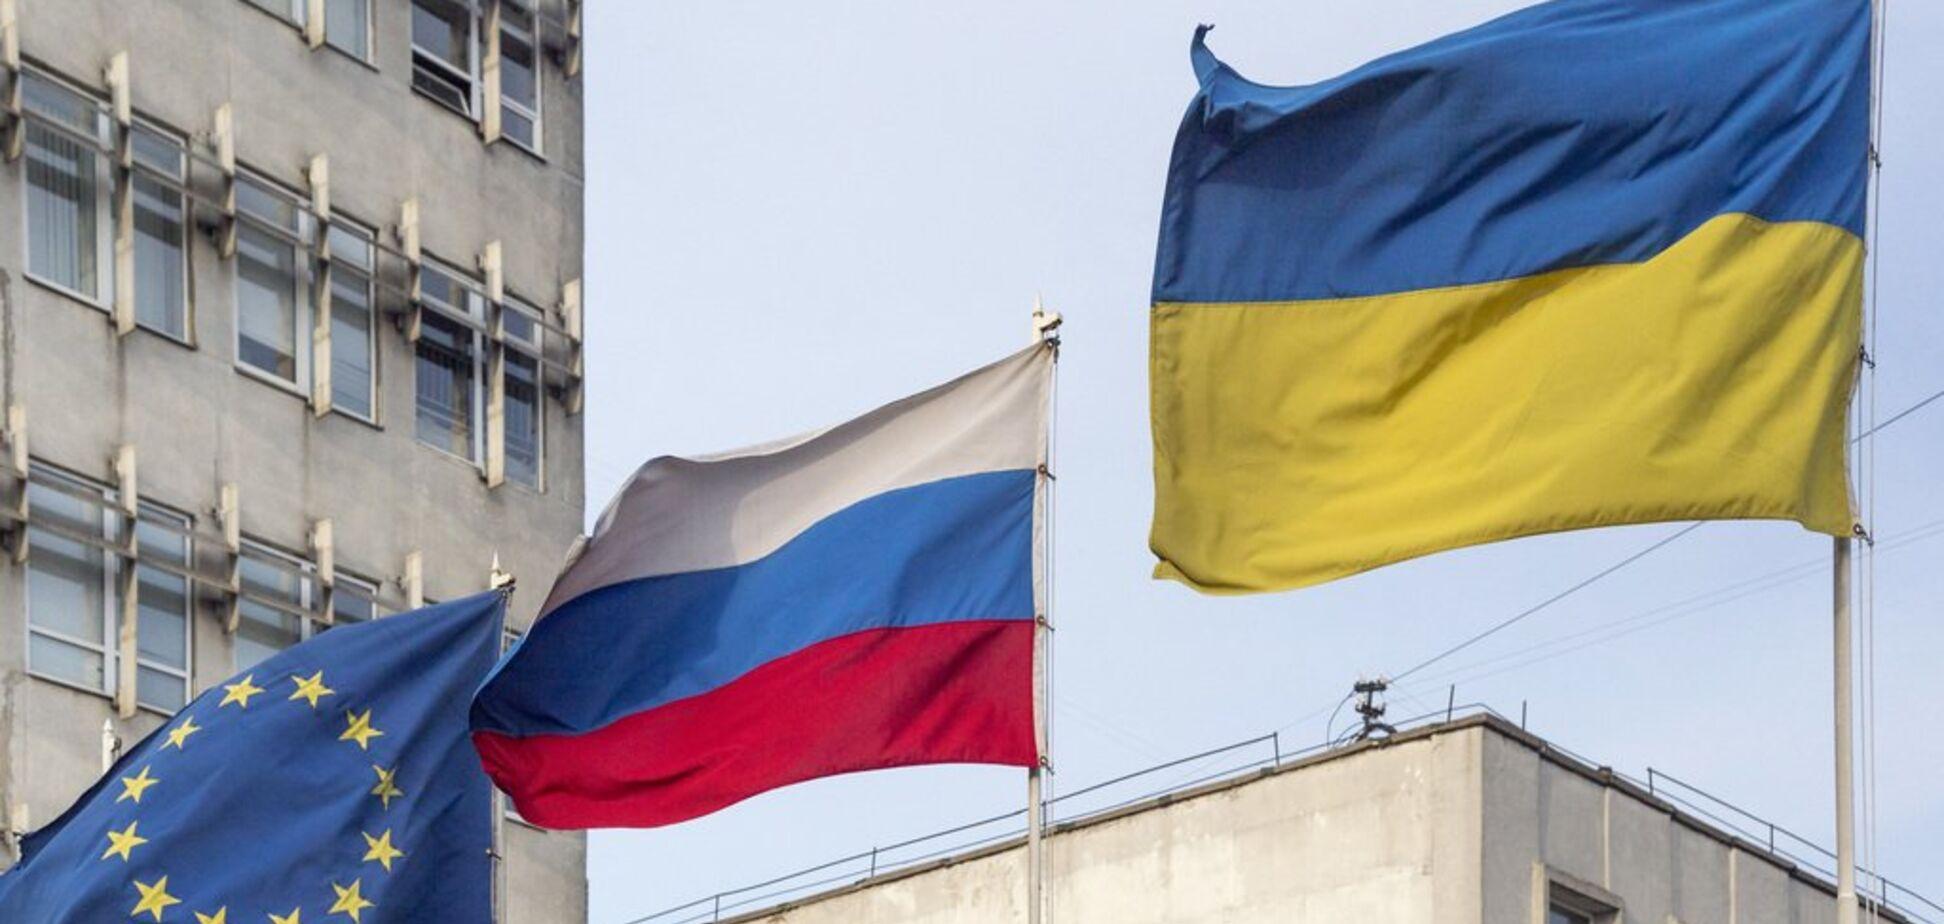 Вільної торгівлі не буде: Україна продовжила заборону на ввезення товарів з Росії